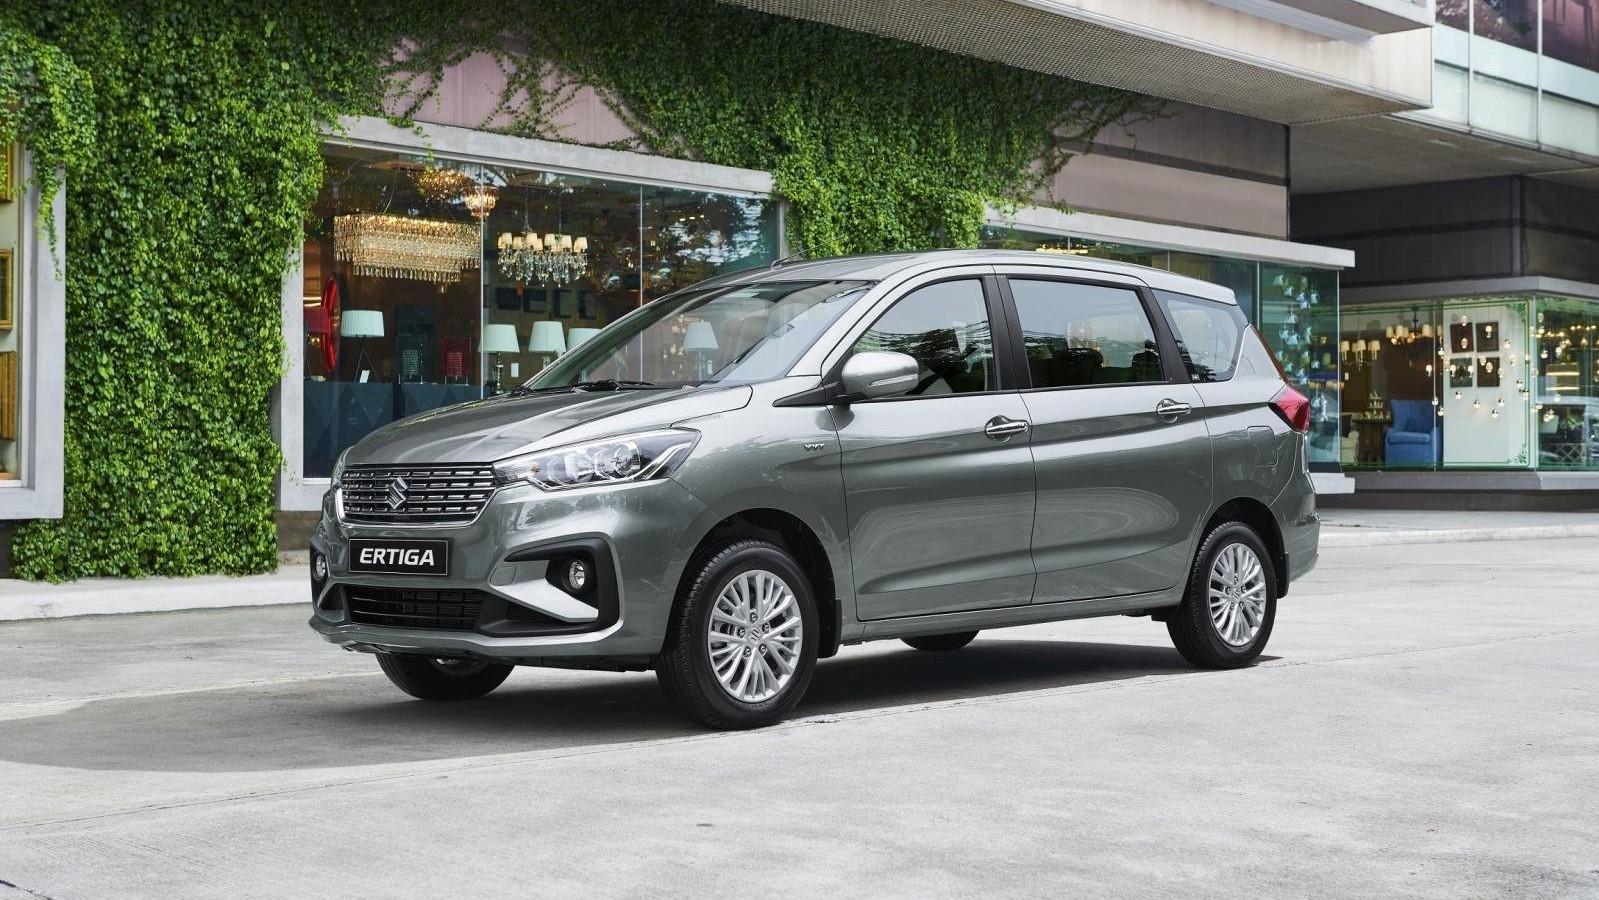 La Suzuki Ertiga es una camioneta para 7 pasajeros de bajo costo